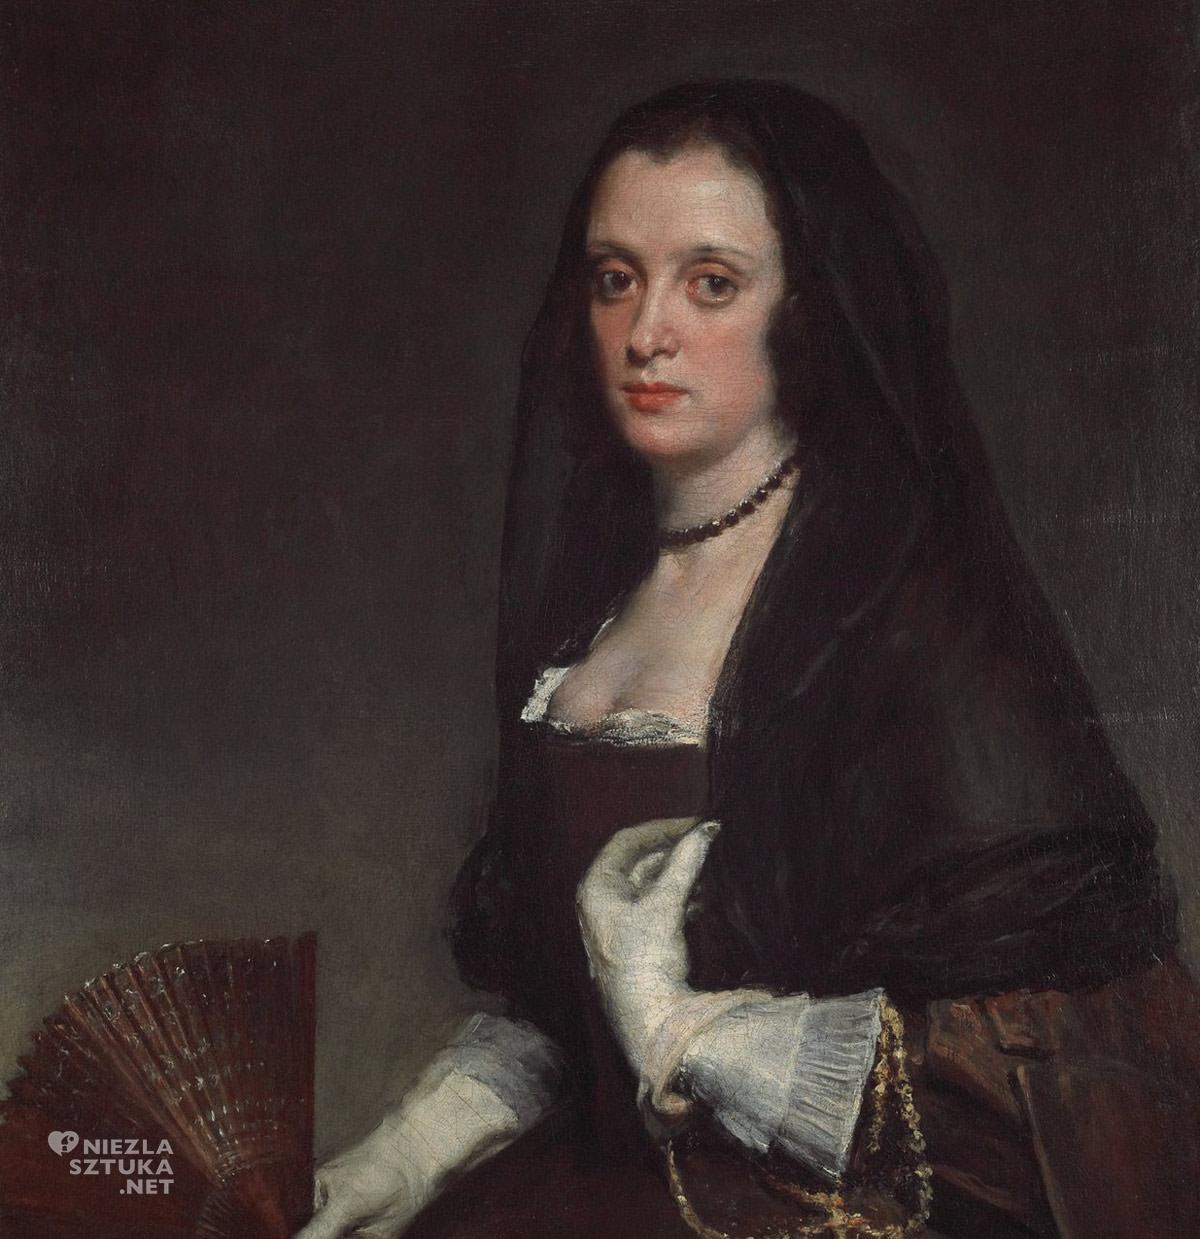 Diego Velázquez, Dama z wachlarzem, portret, sztuka hiszpańska, Niezła sztuka